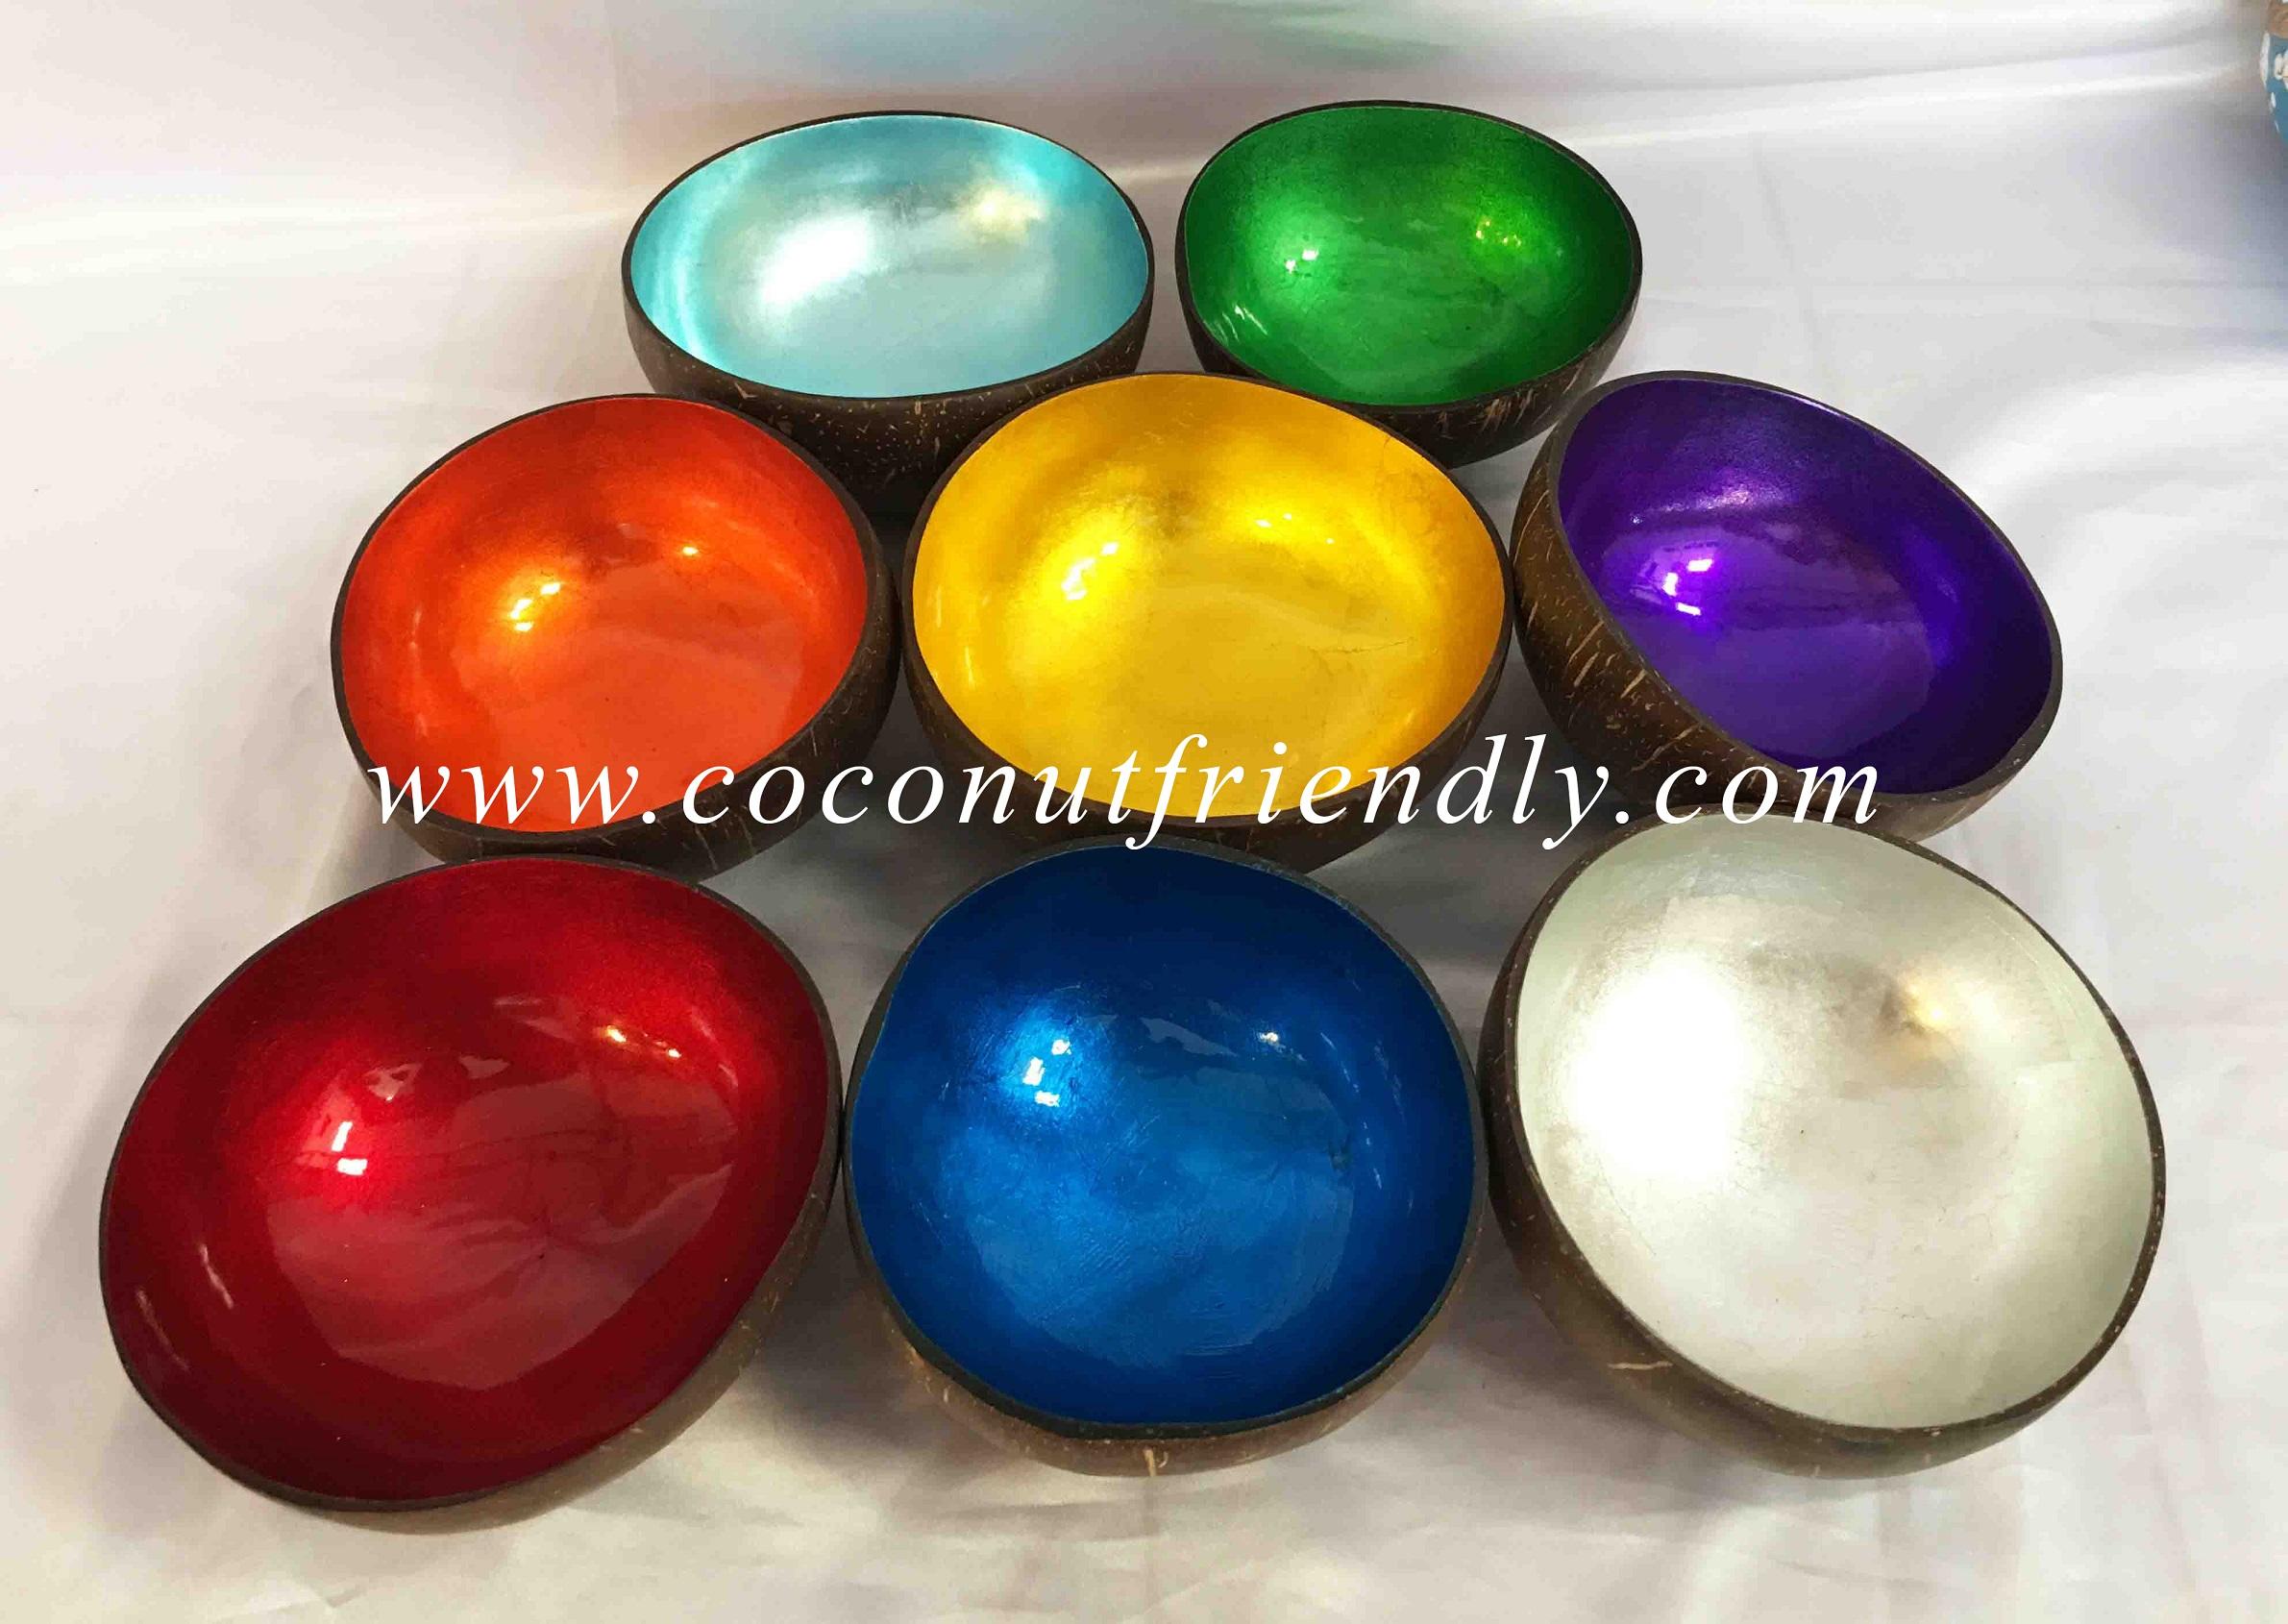 Wholesale Lacquer Coconut Bowl – Gold Metallic Coconut Bowls Vietnam